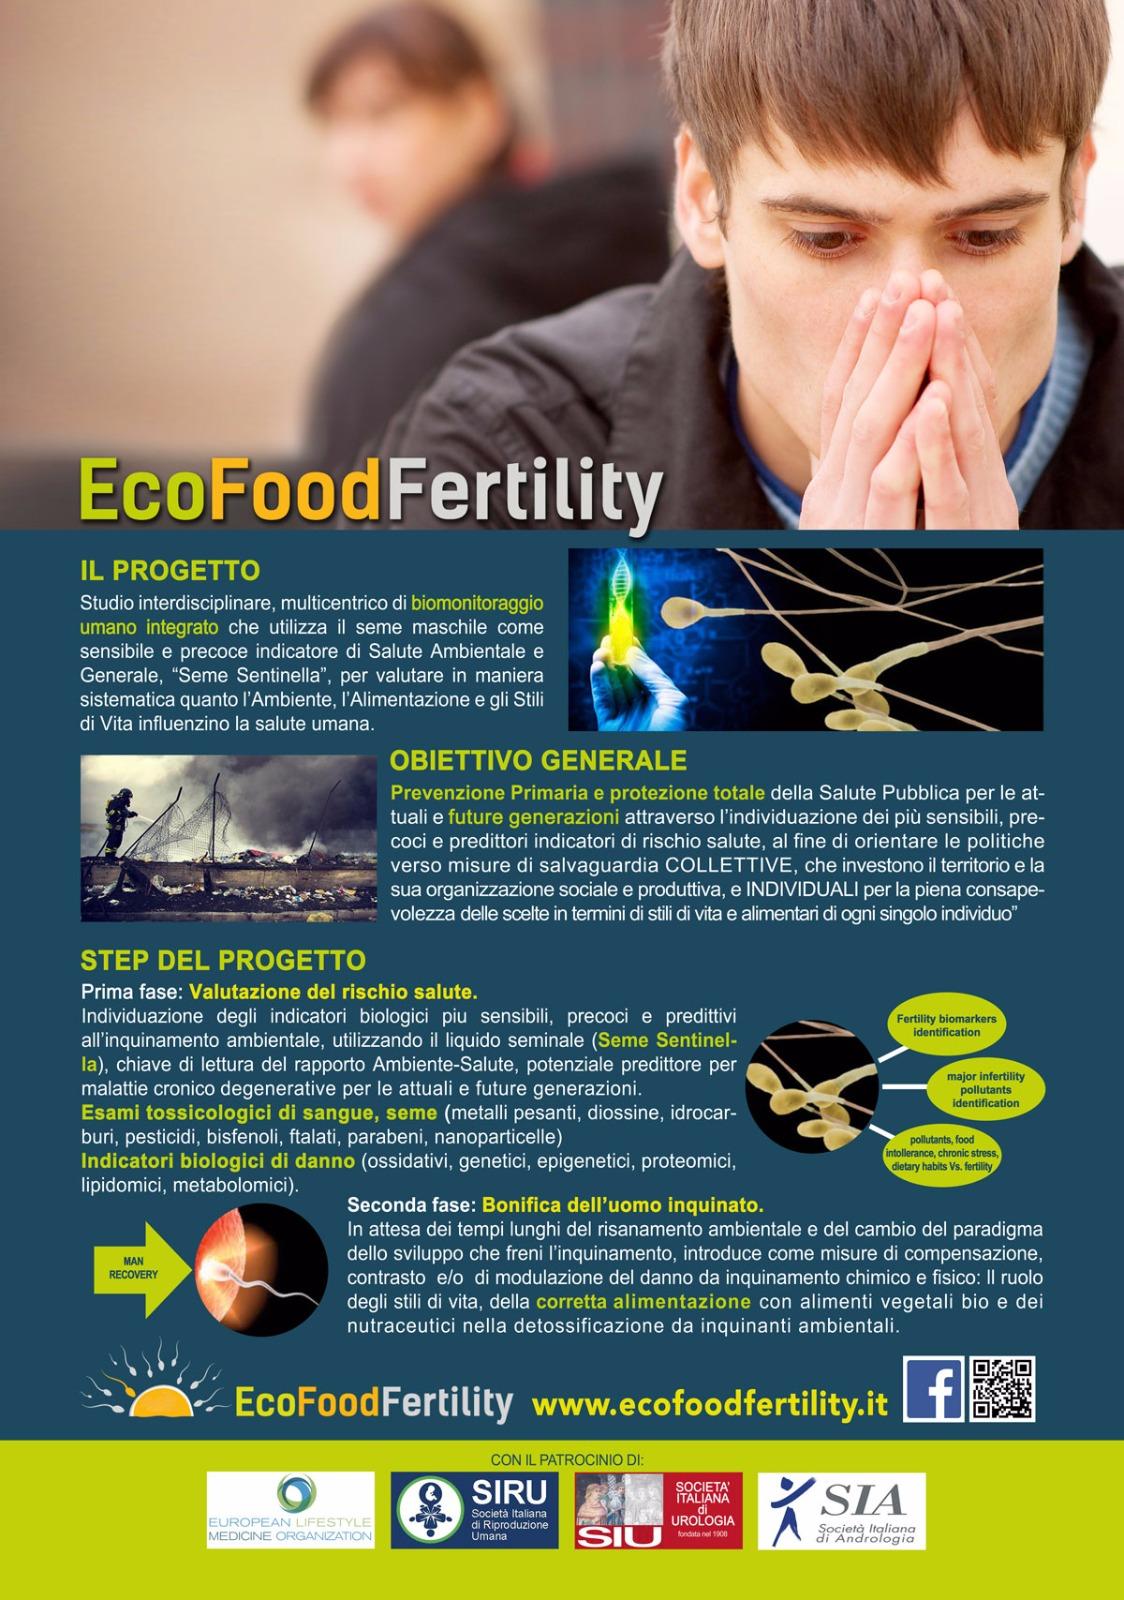 EcoFoodFertility sui risultati di biomonitoraggio del progetto FAST